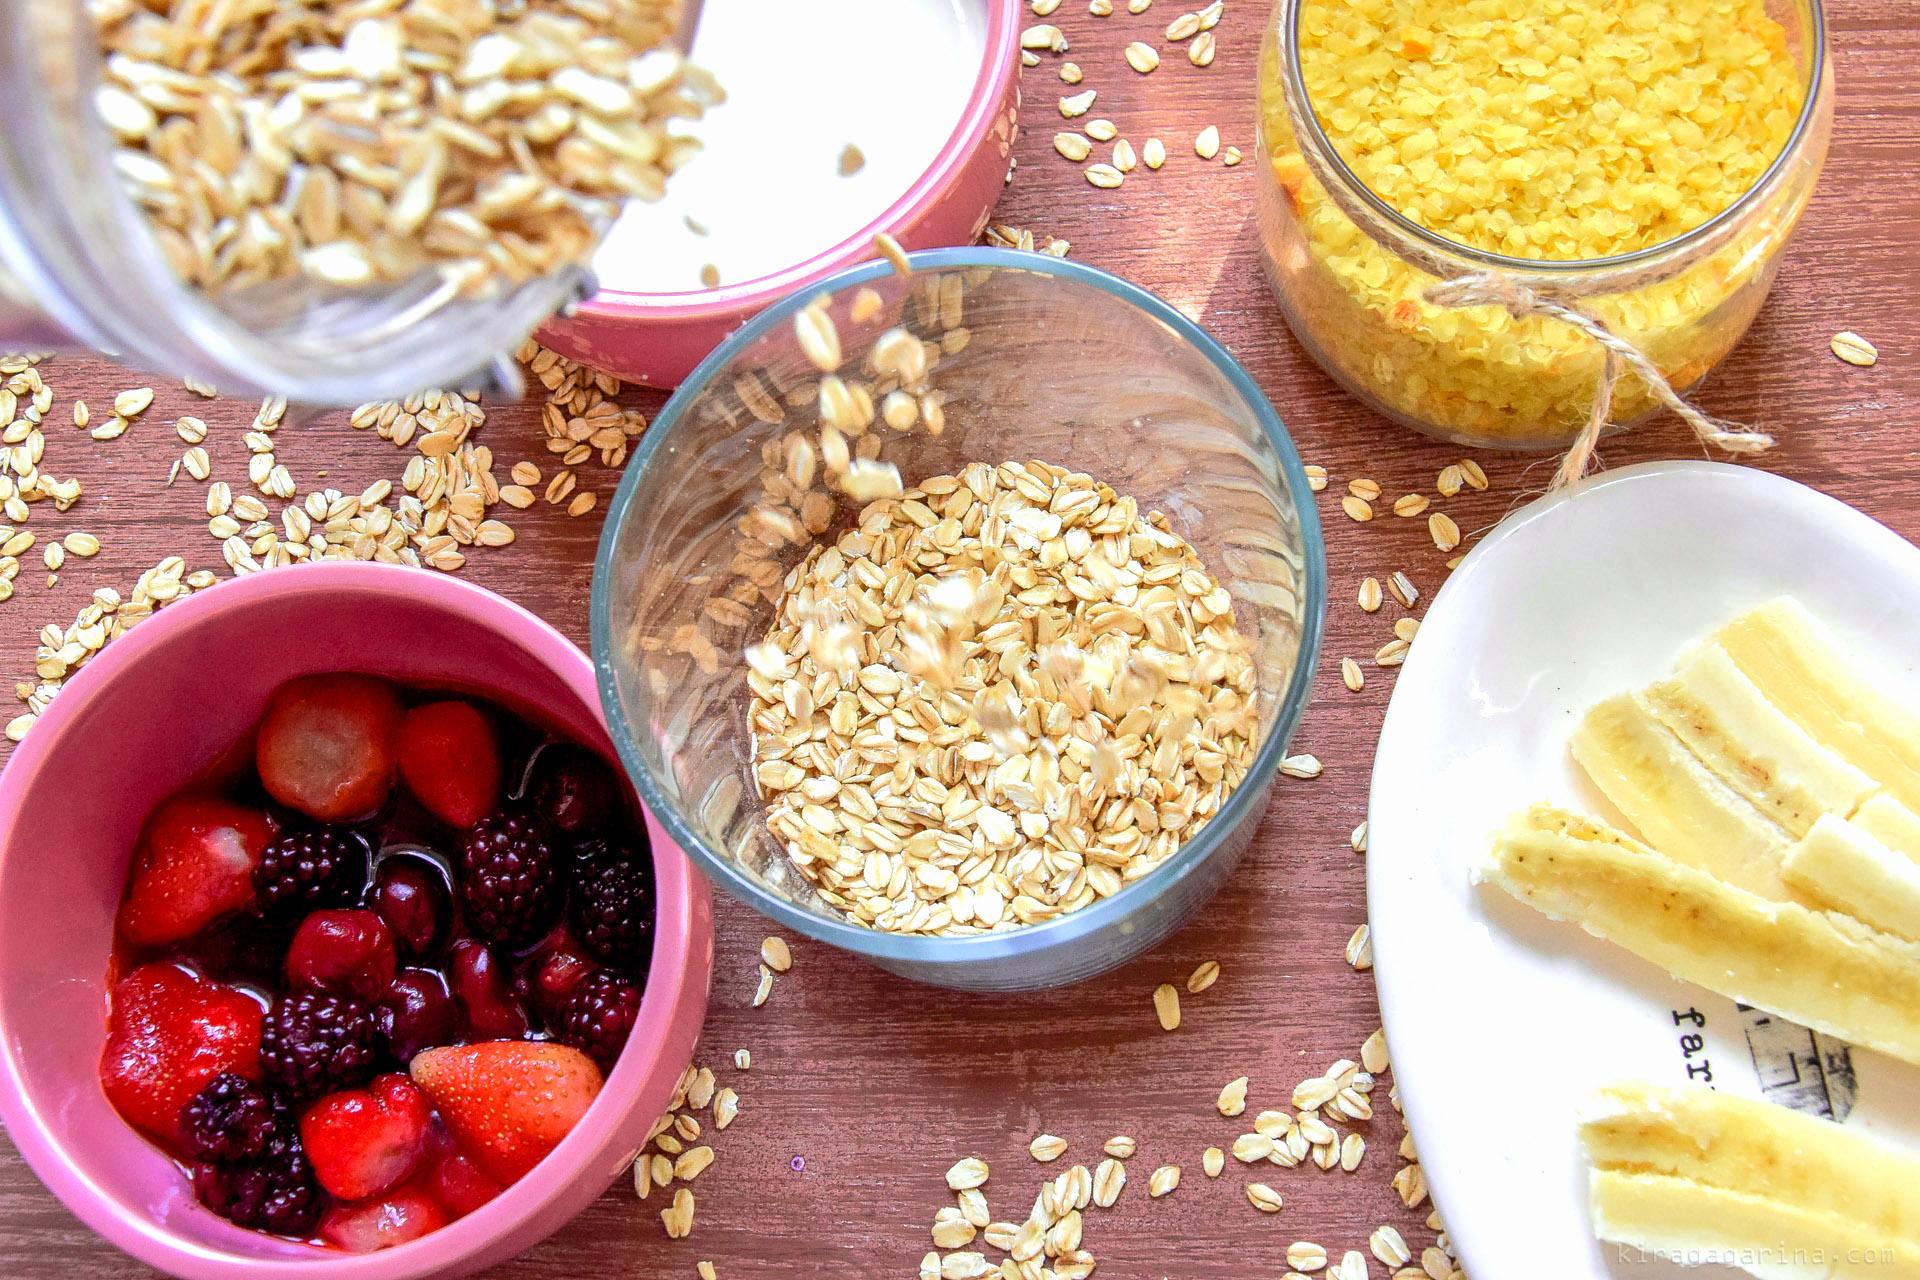 Овсянка и кипяток рецепт запаренной овсянки для похудения и здоровья на завтрак